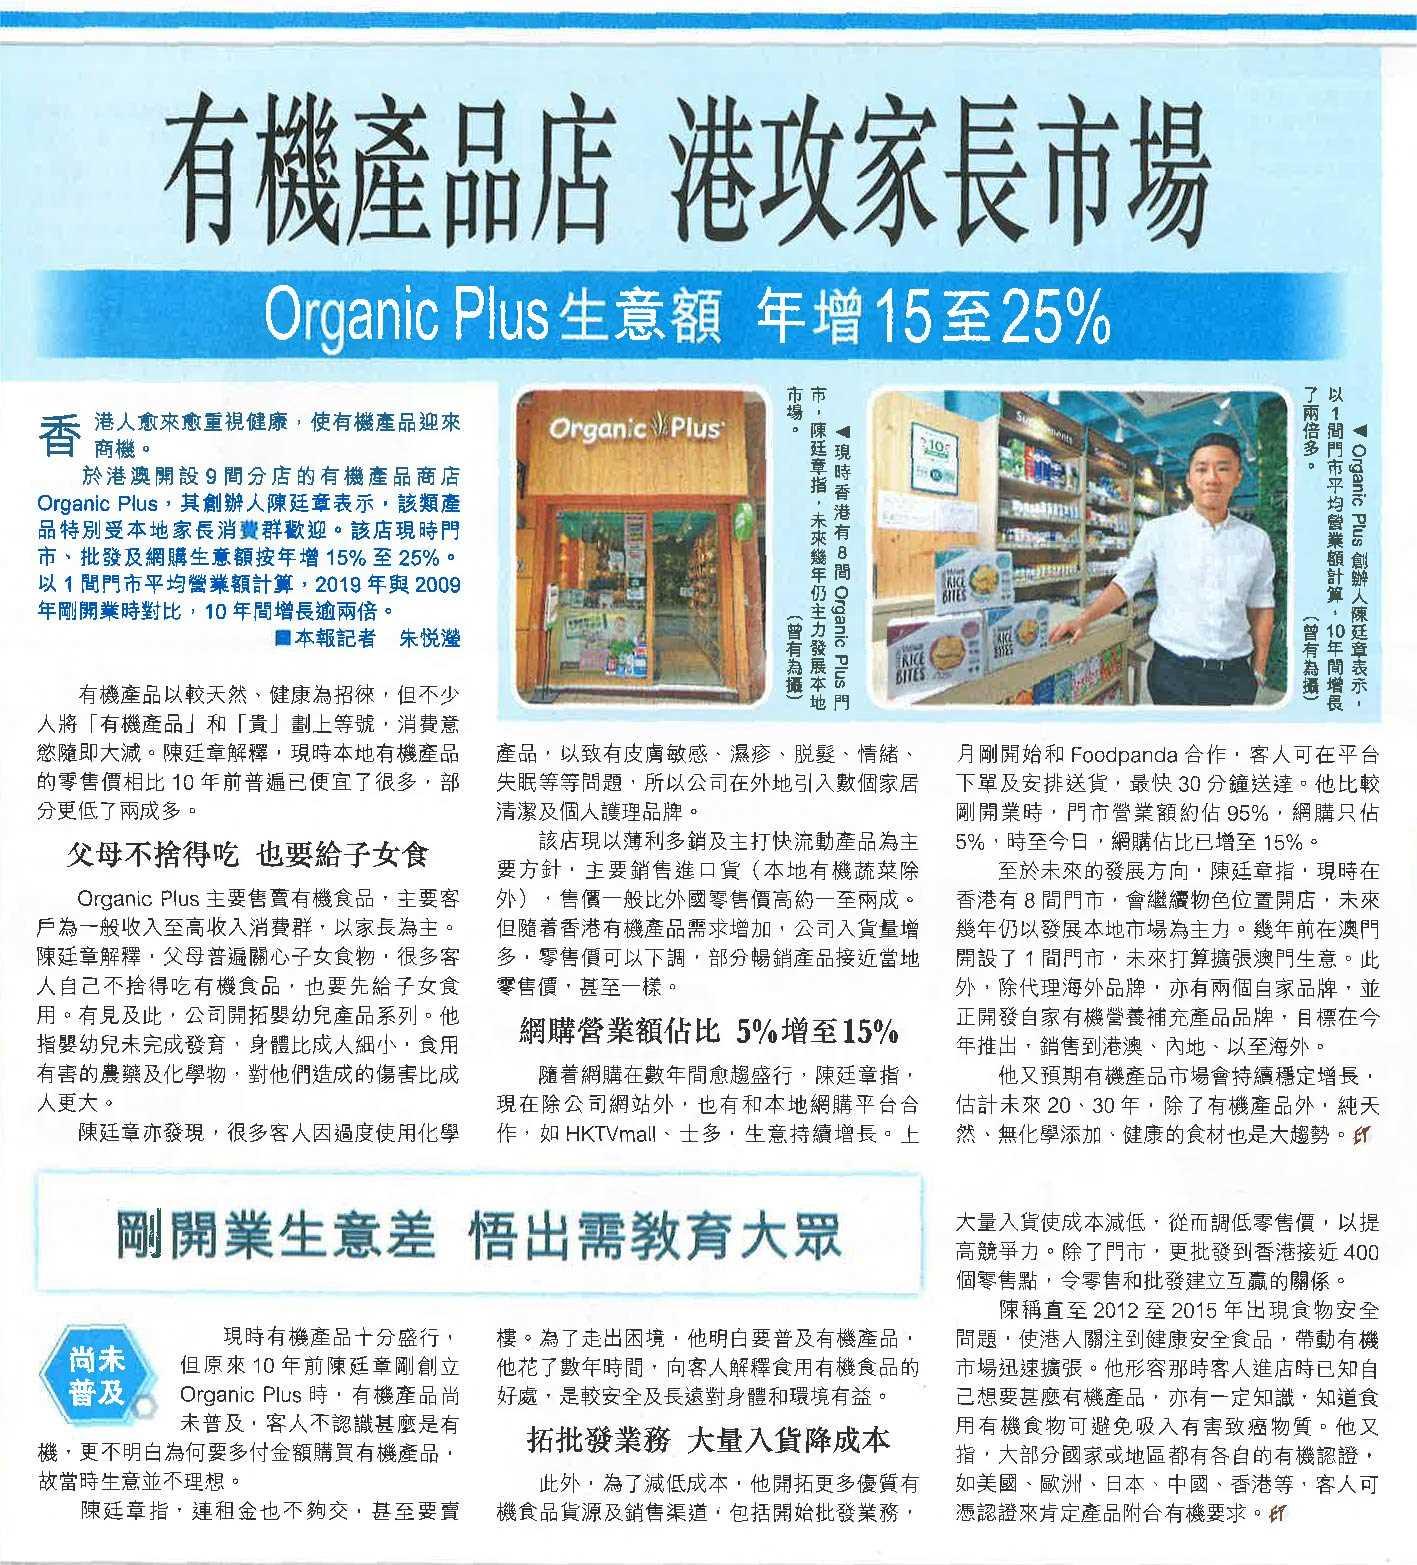 经济日报 有机食品店 港攻家长市场 2019-06-03